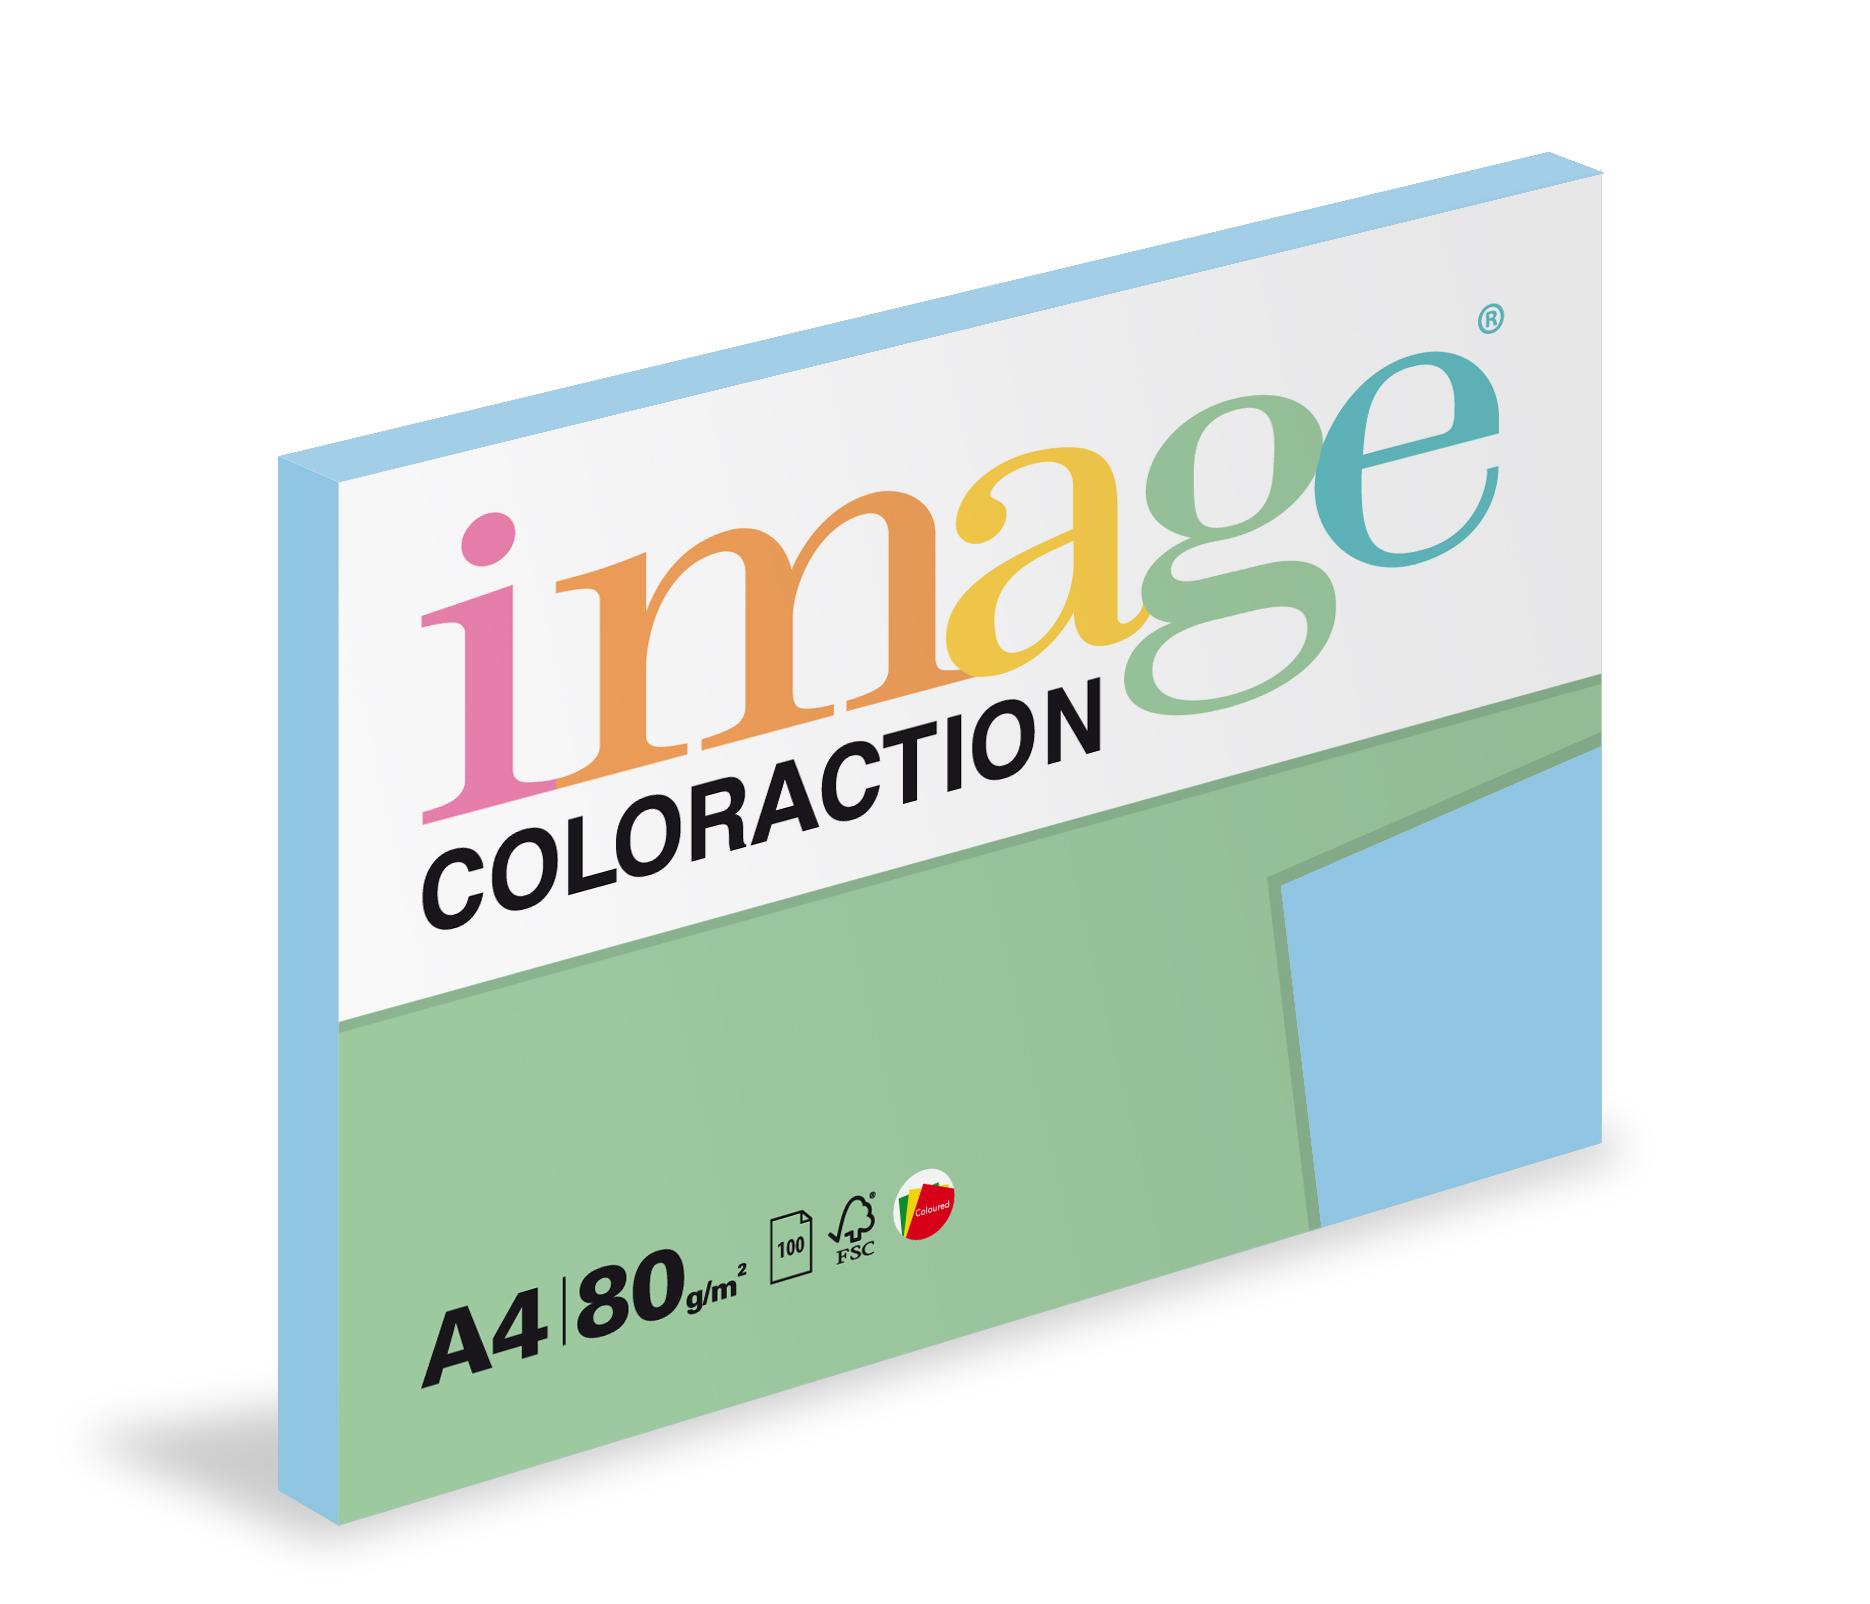 Xerografický papír barevný Coloraction 100 listů - OBL70 iceberg/ ledově modrá / 100 listů